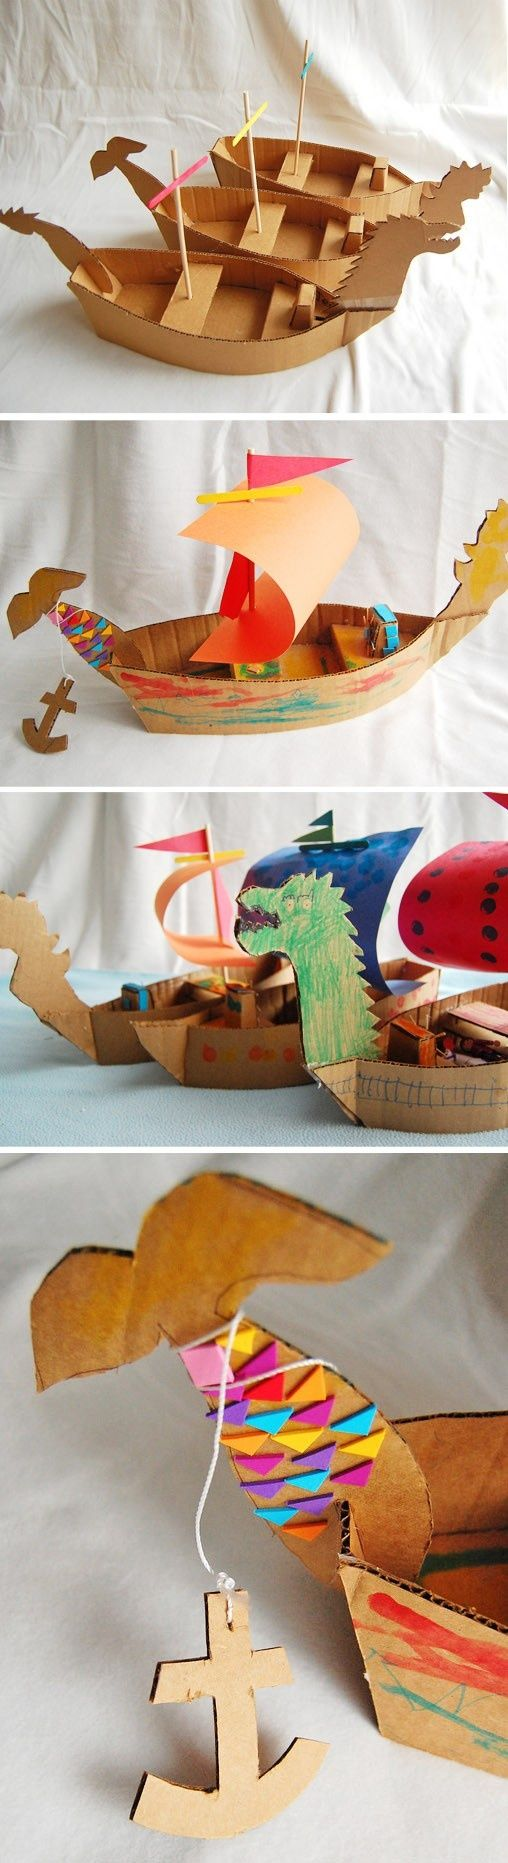 Un barco viquingo de cartón | Bueno, bonito y barato